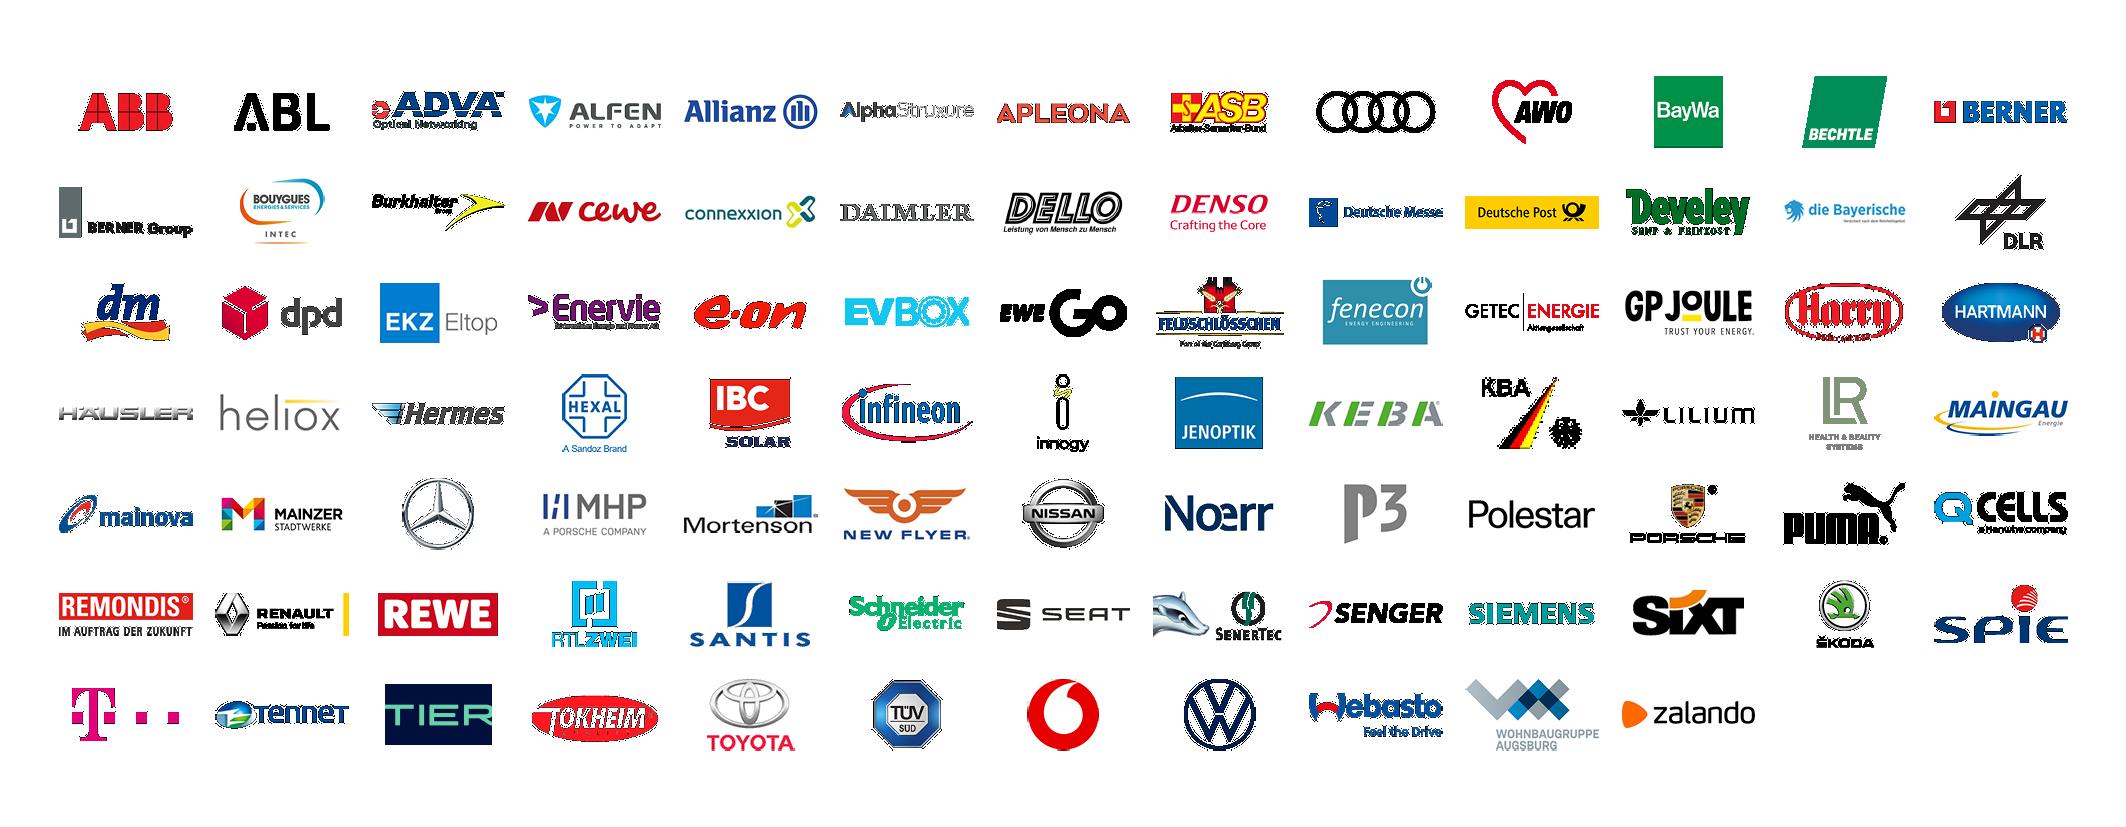 unsere kunden und partner